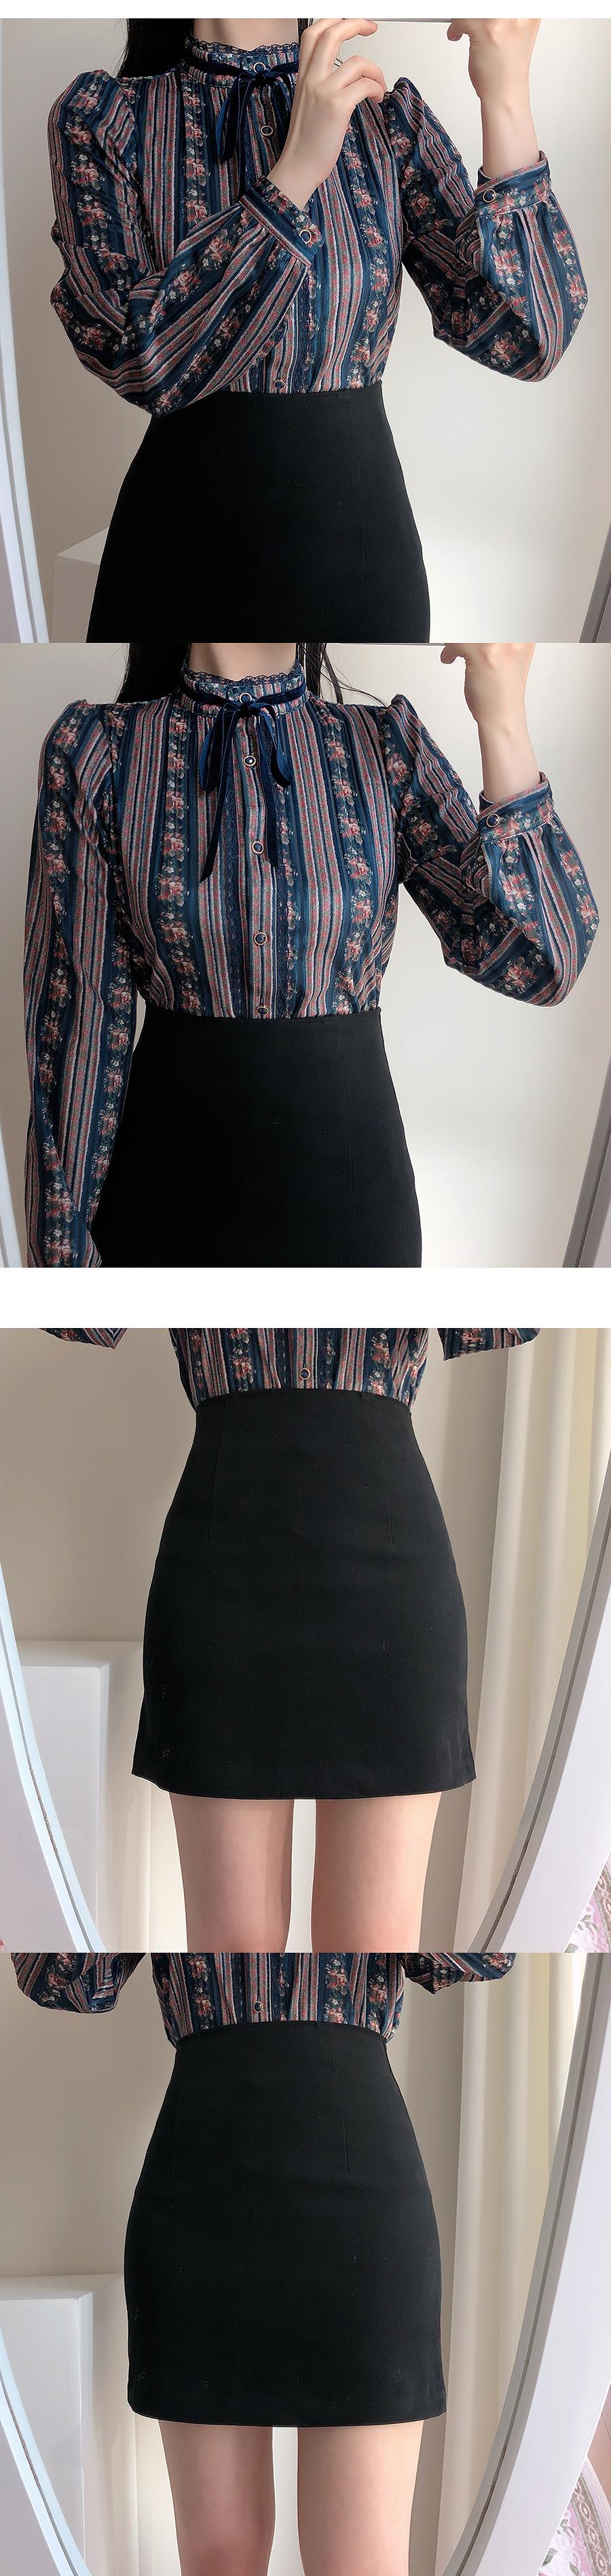 起毛・クロプHラインの基本スカート(クリーム、ベージュ、墨色、ブラック)